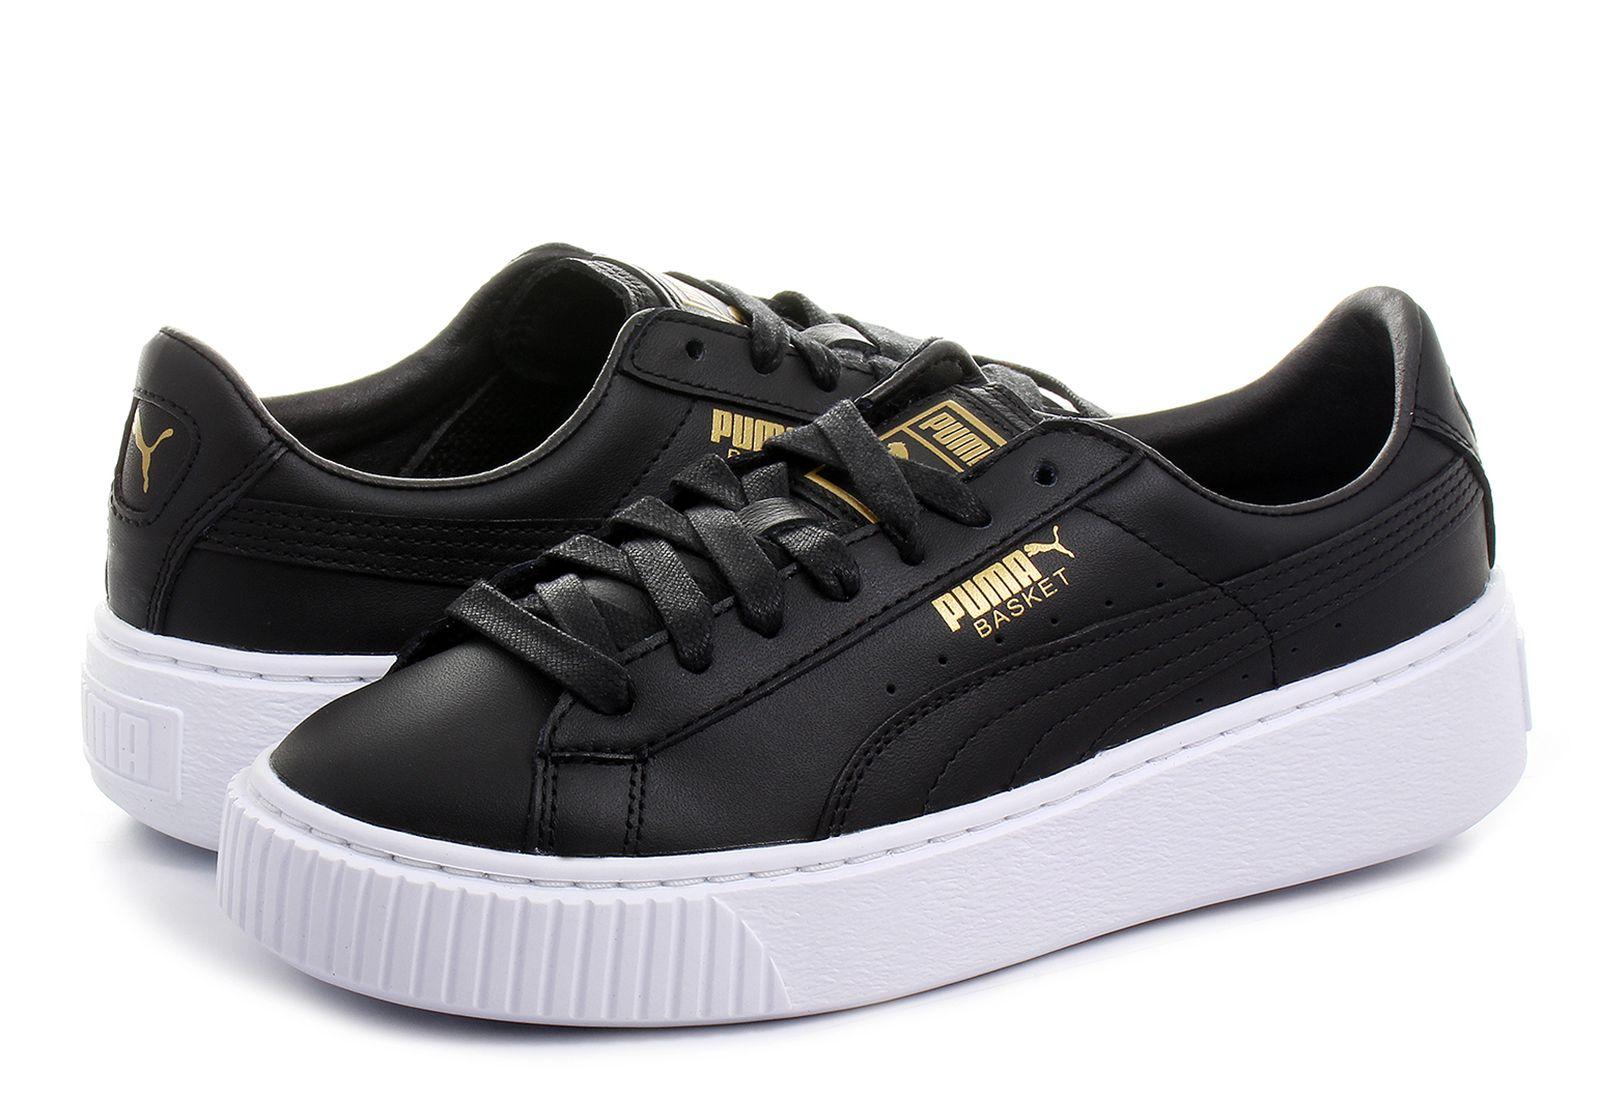 Puma Shoes - Basket Platform Core - 36404003-blk - Online shop for ... bc6bf3265